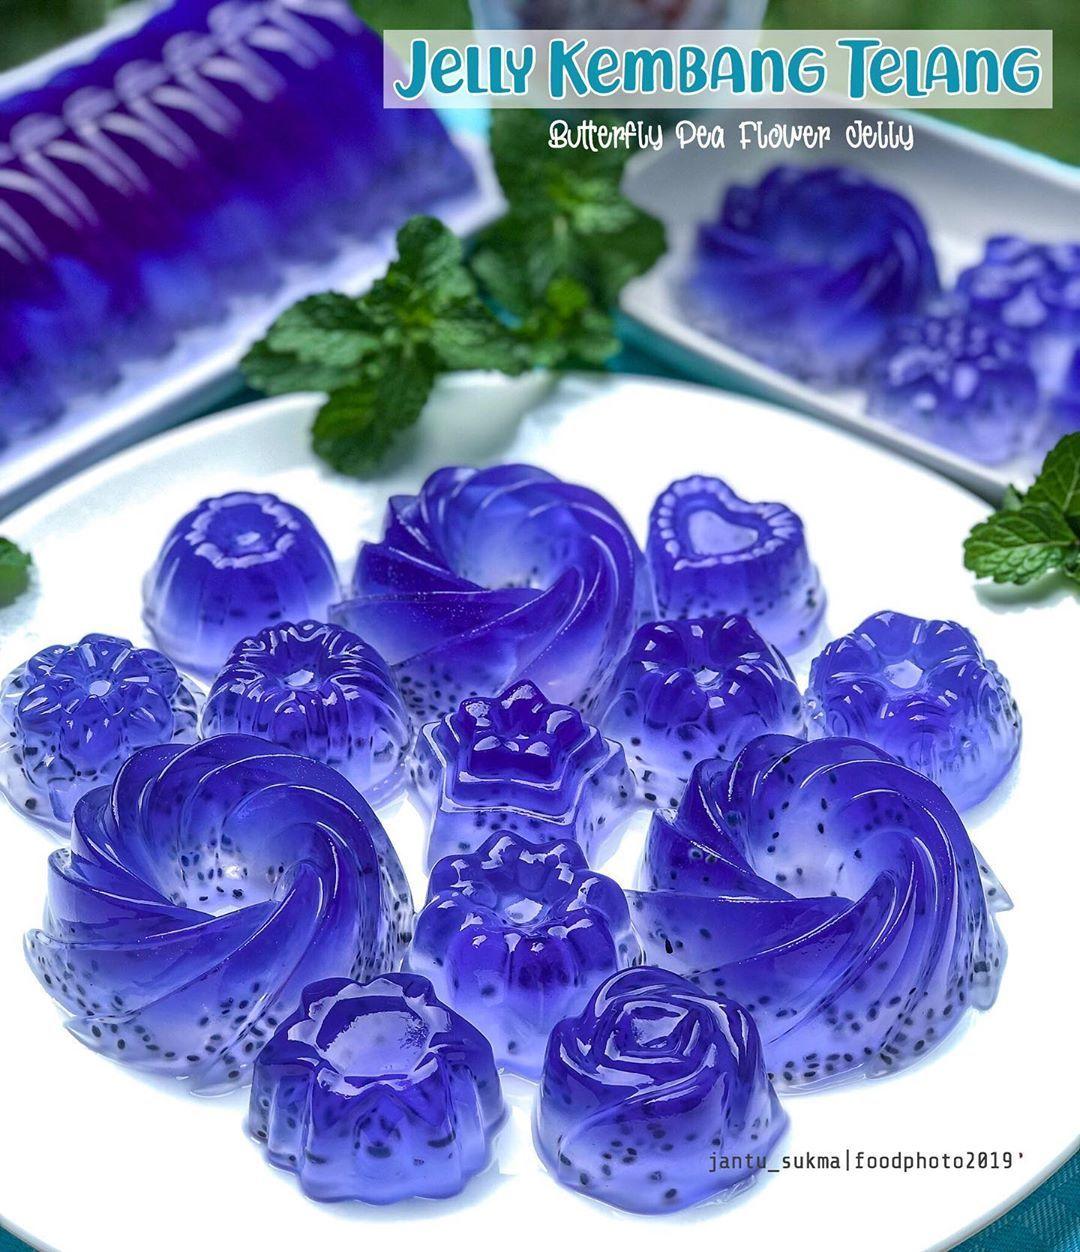 Jelly Kembang Telang Bunga Telang Atau Dikenal Dengan Butterfly Pea Flower Dalam Bahasa Inggris Adalah Pewarna Alami Makanan Unt Flowers Kembang Jelly